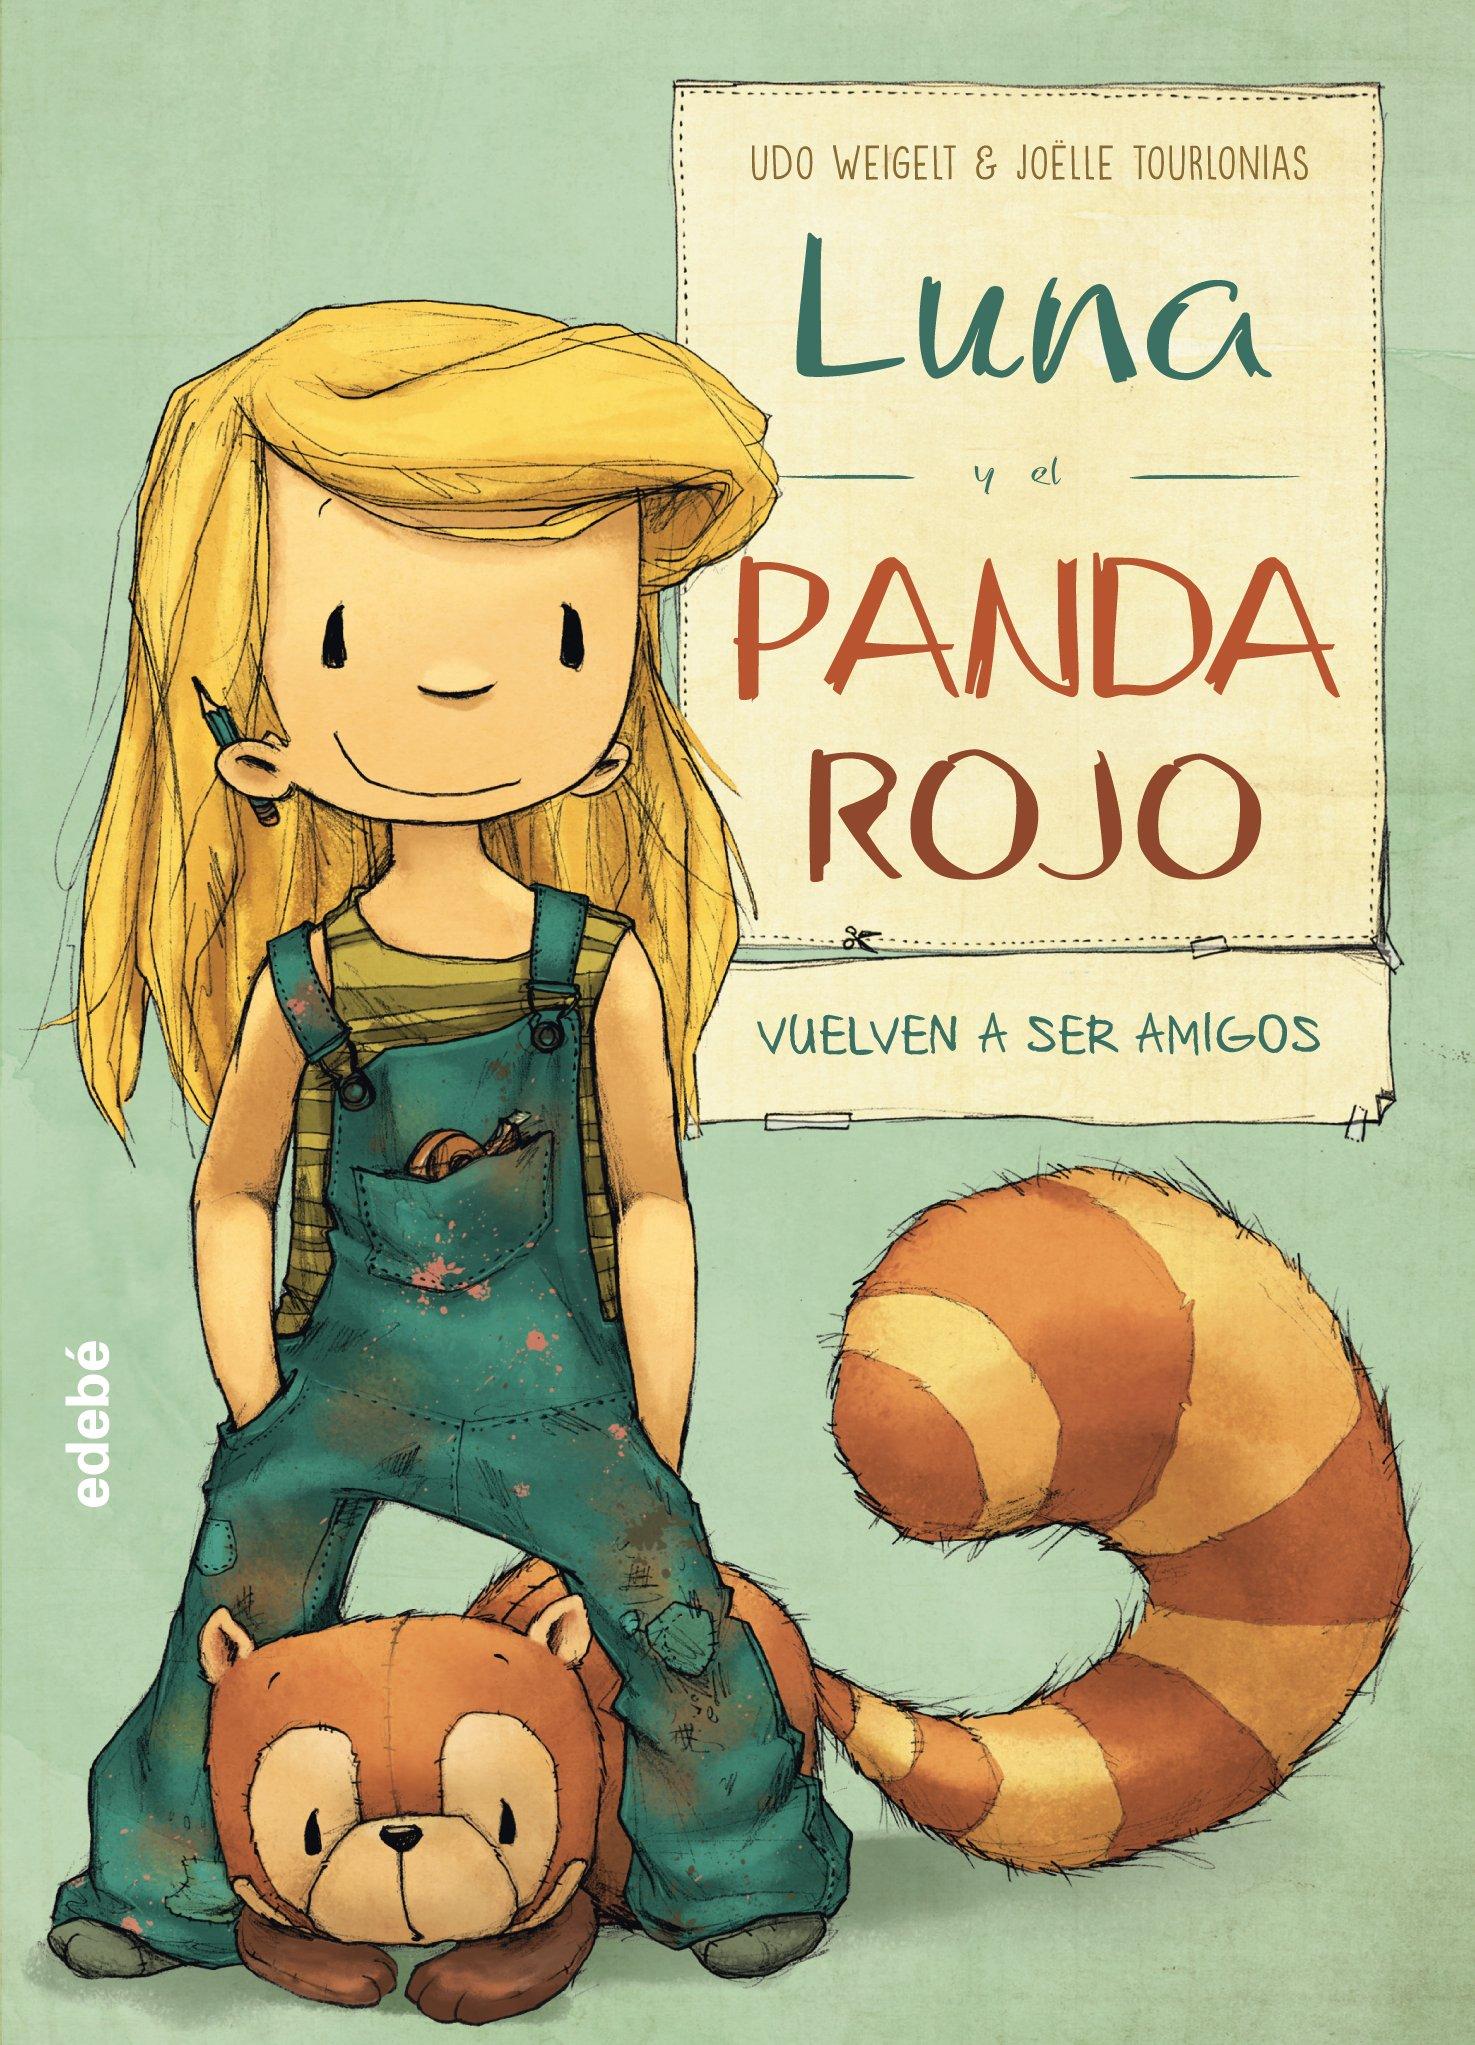 Luna y el panda rojo vuelven a ser amigos (Spanish Edition) pdf epub